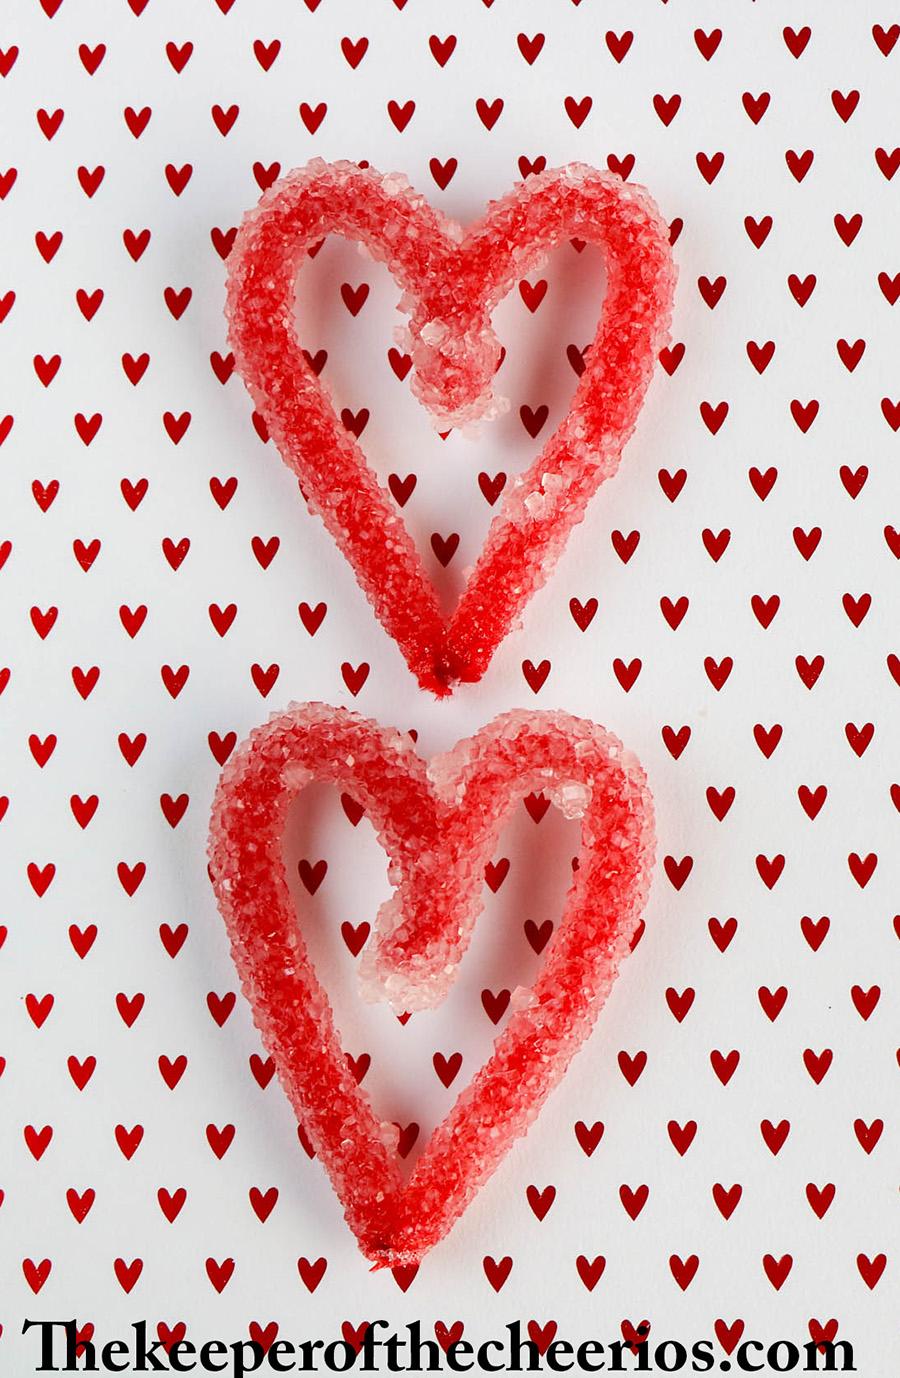 crystal-hearts-7